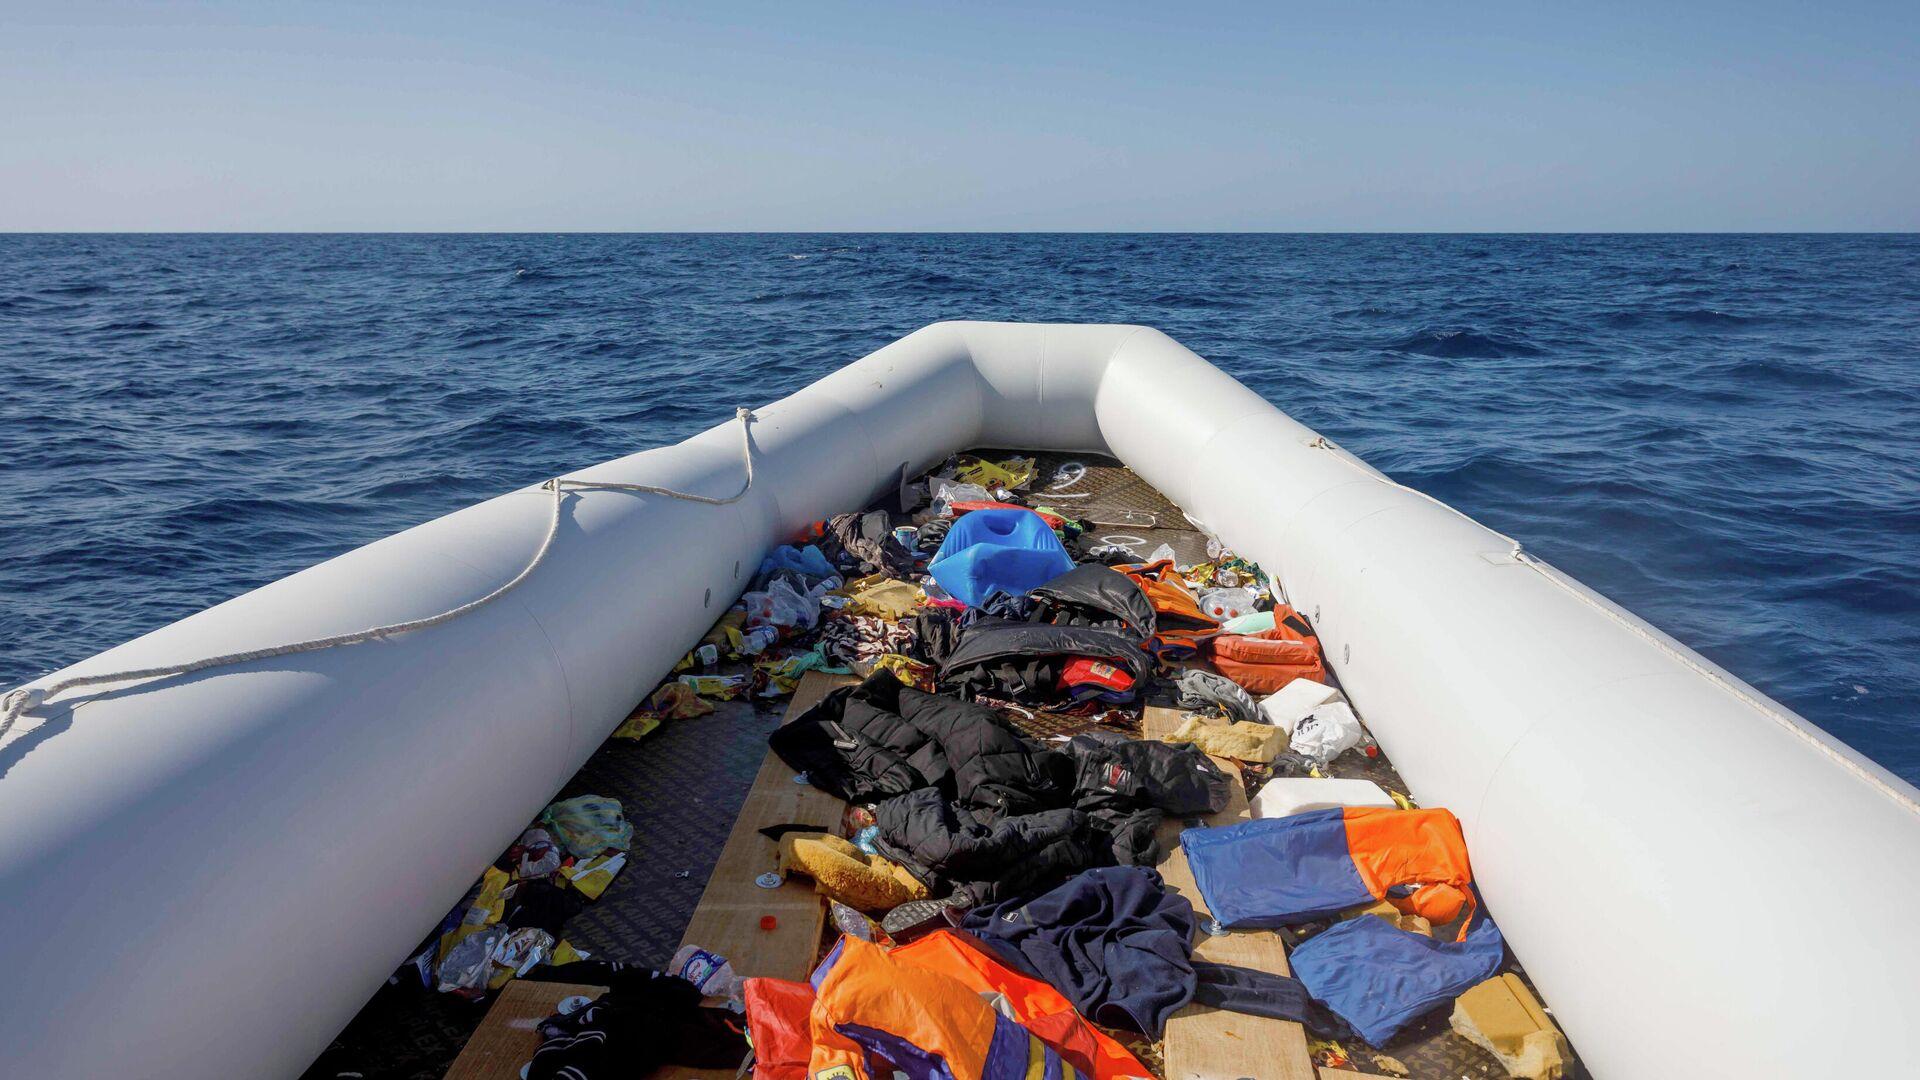 In solchen Gumibooten versuchen Schlepper immer wieder Migranten übers Mittelmeer nach Europa zu bringen. - SNA, 1920, 28.02.2021